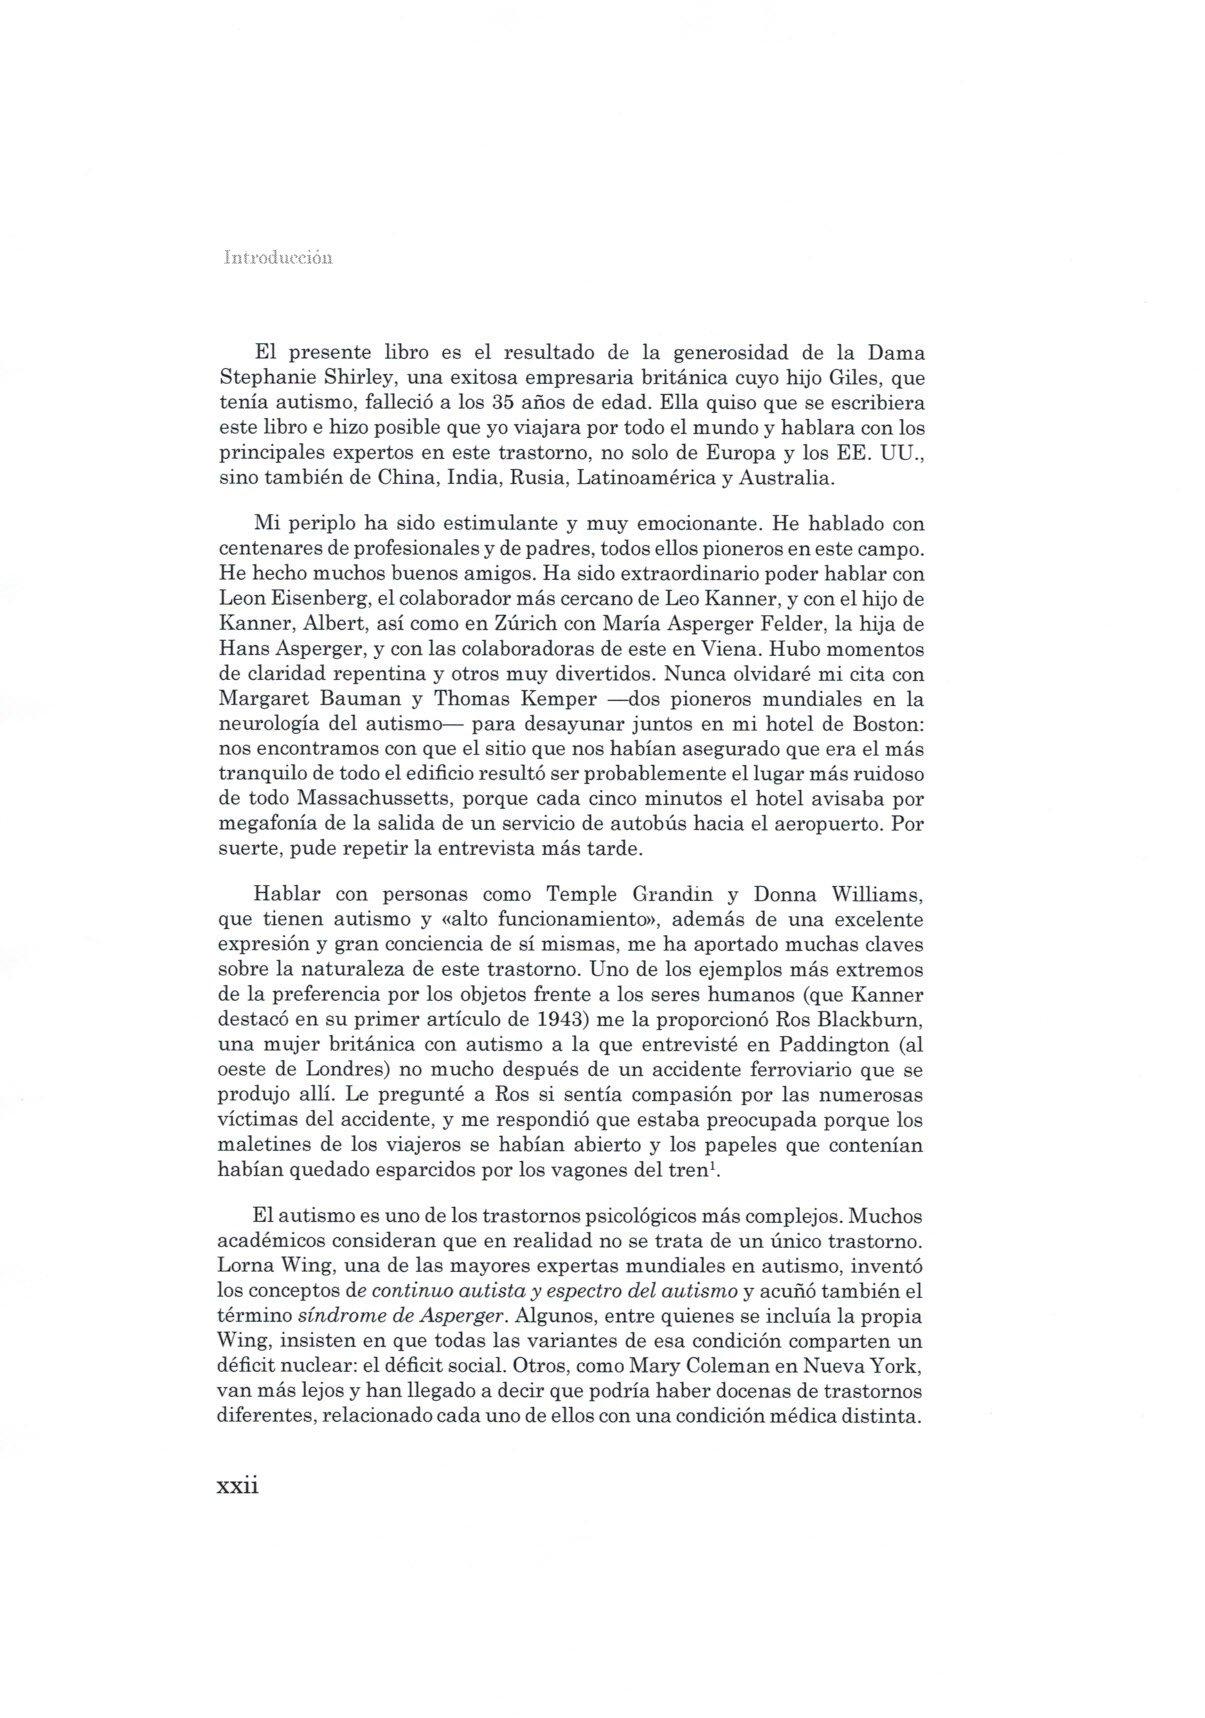 Historia del autismo. Conversaciones con los pioneros: Adam Feinstein: 9788494032271: Amazon.com: Books